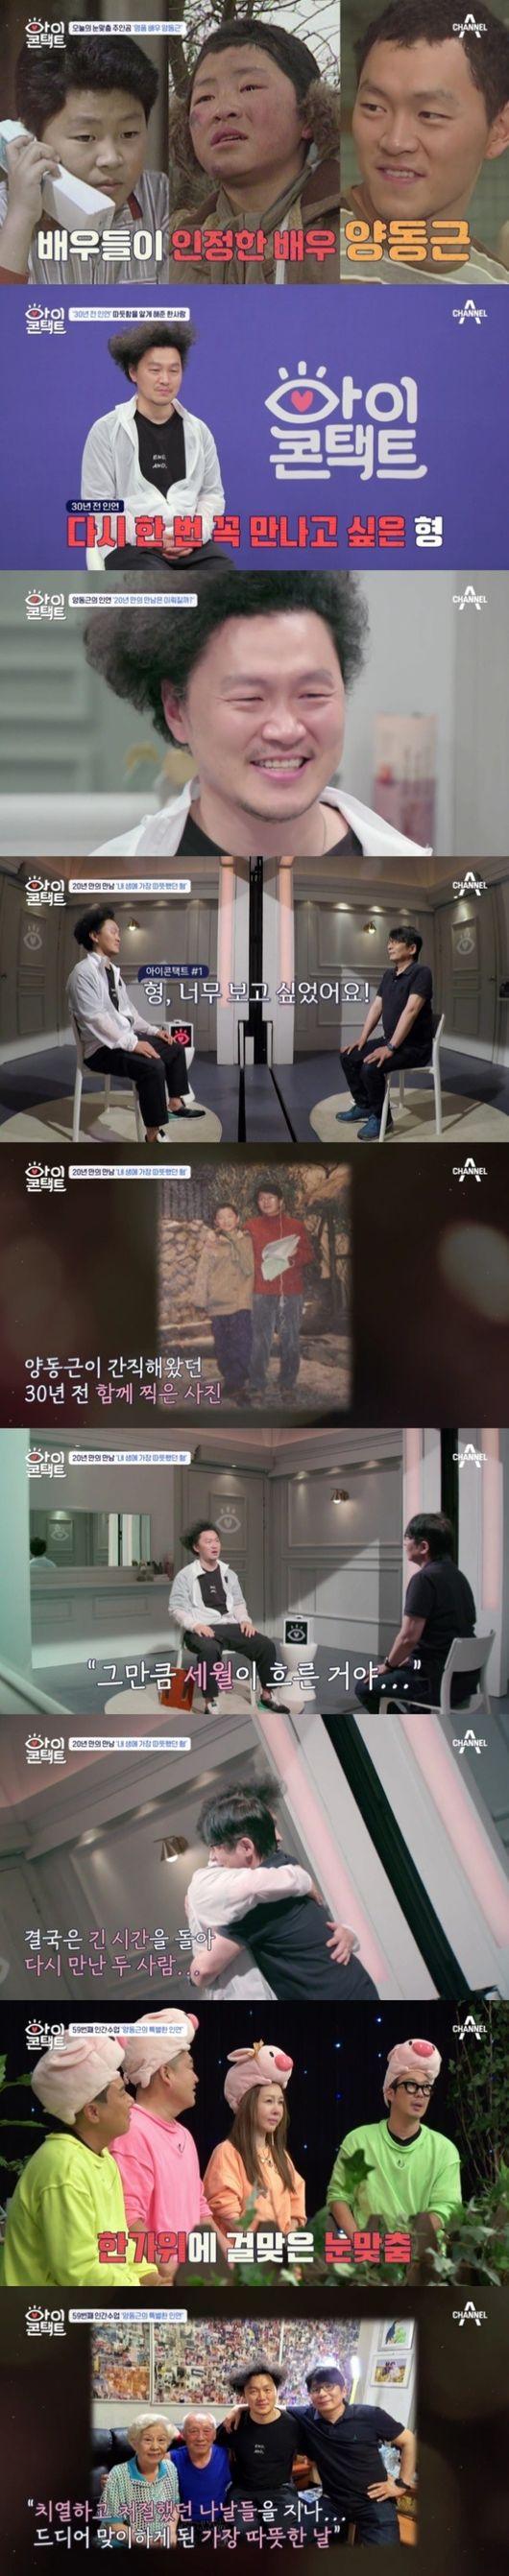 '아이콘택트' 양동근, 아역시절 '따뜻한 어른' 이재훈 씨와 감동 재회 '눈물'